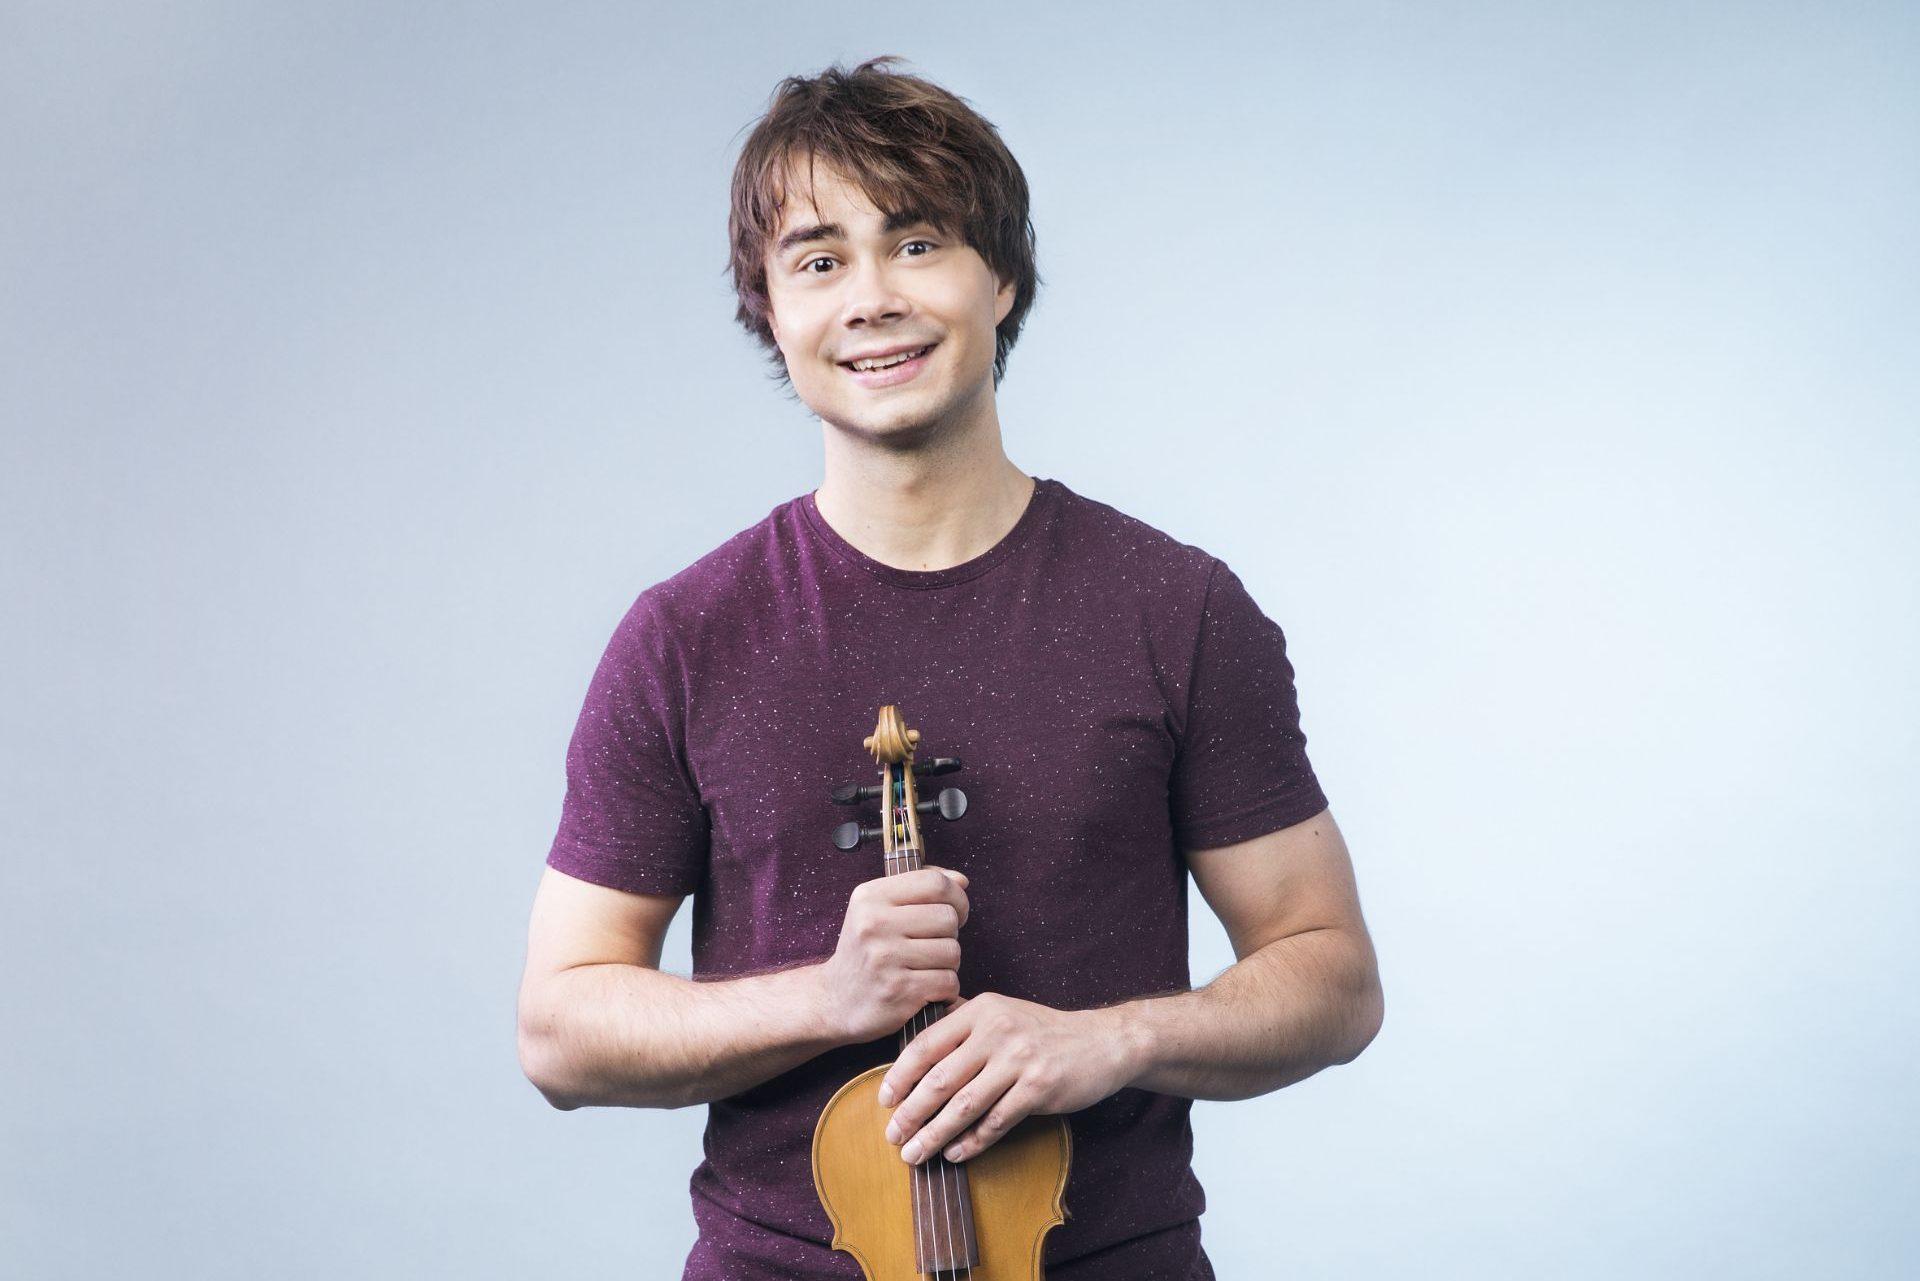 Александр Рыбак желает покорить Евровидение во 2-ой раз